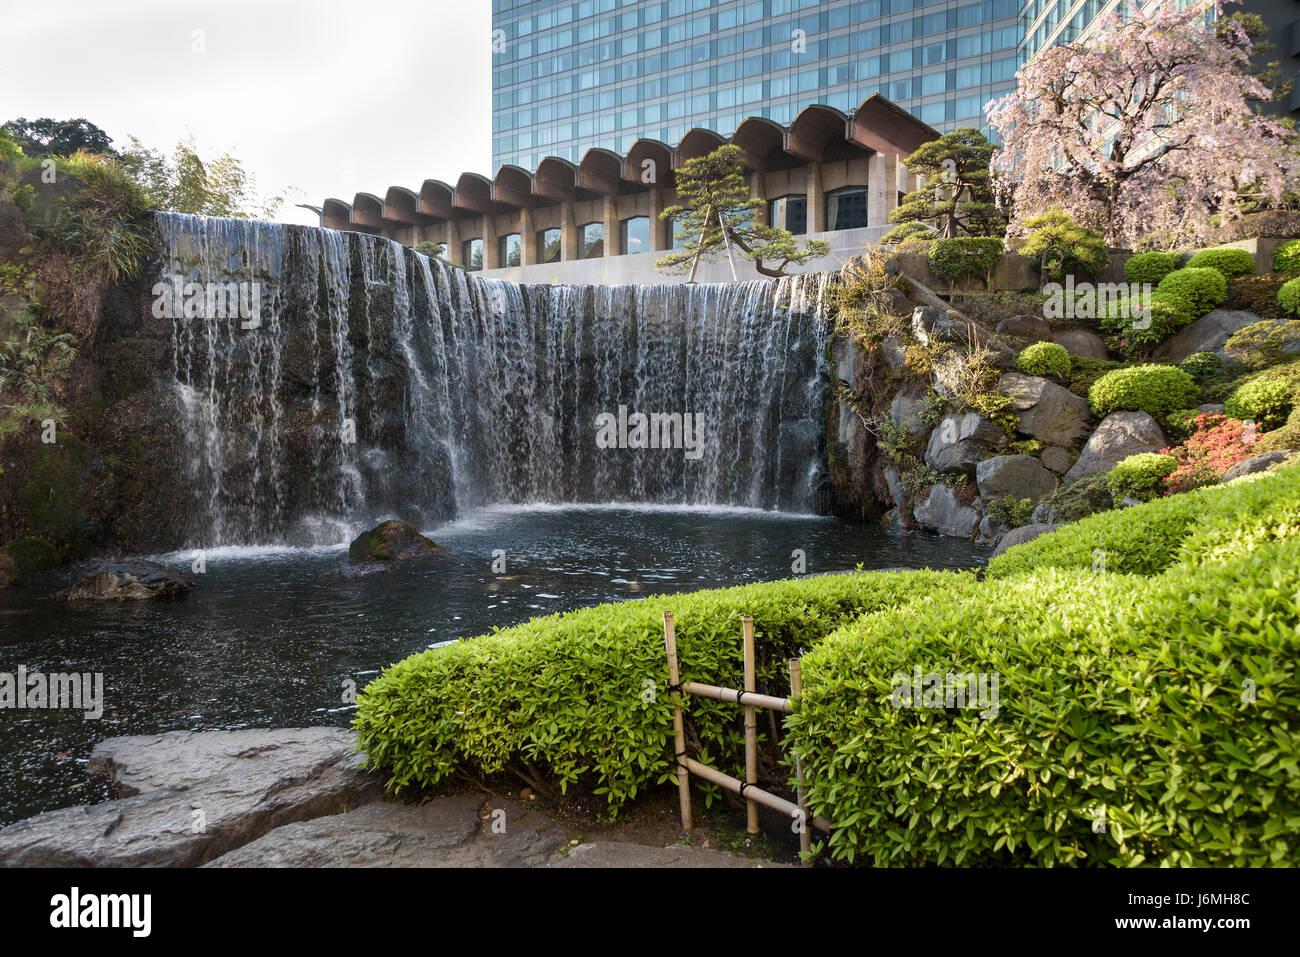 New Otani Hotel Les Jardins Japonais.typique japonais jardin dans le centre de Tokyo. Photo Stock